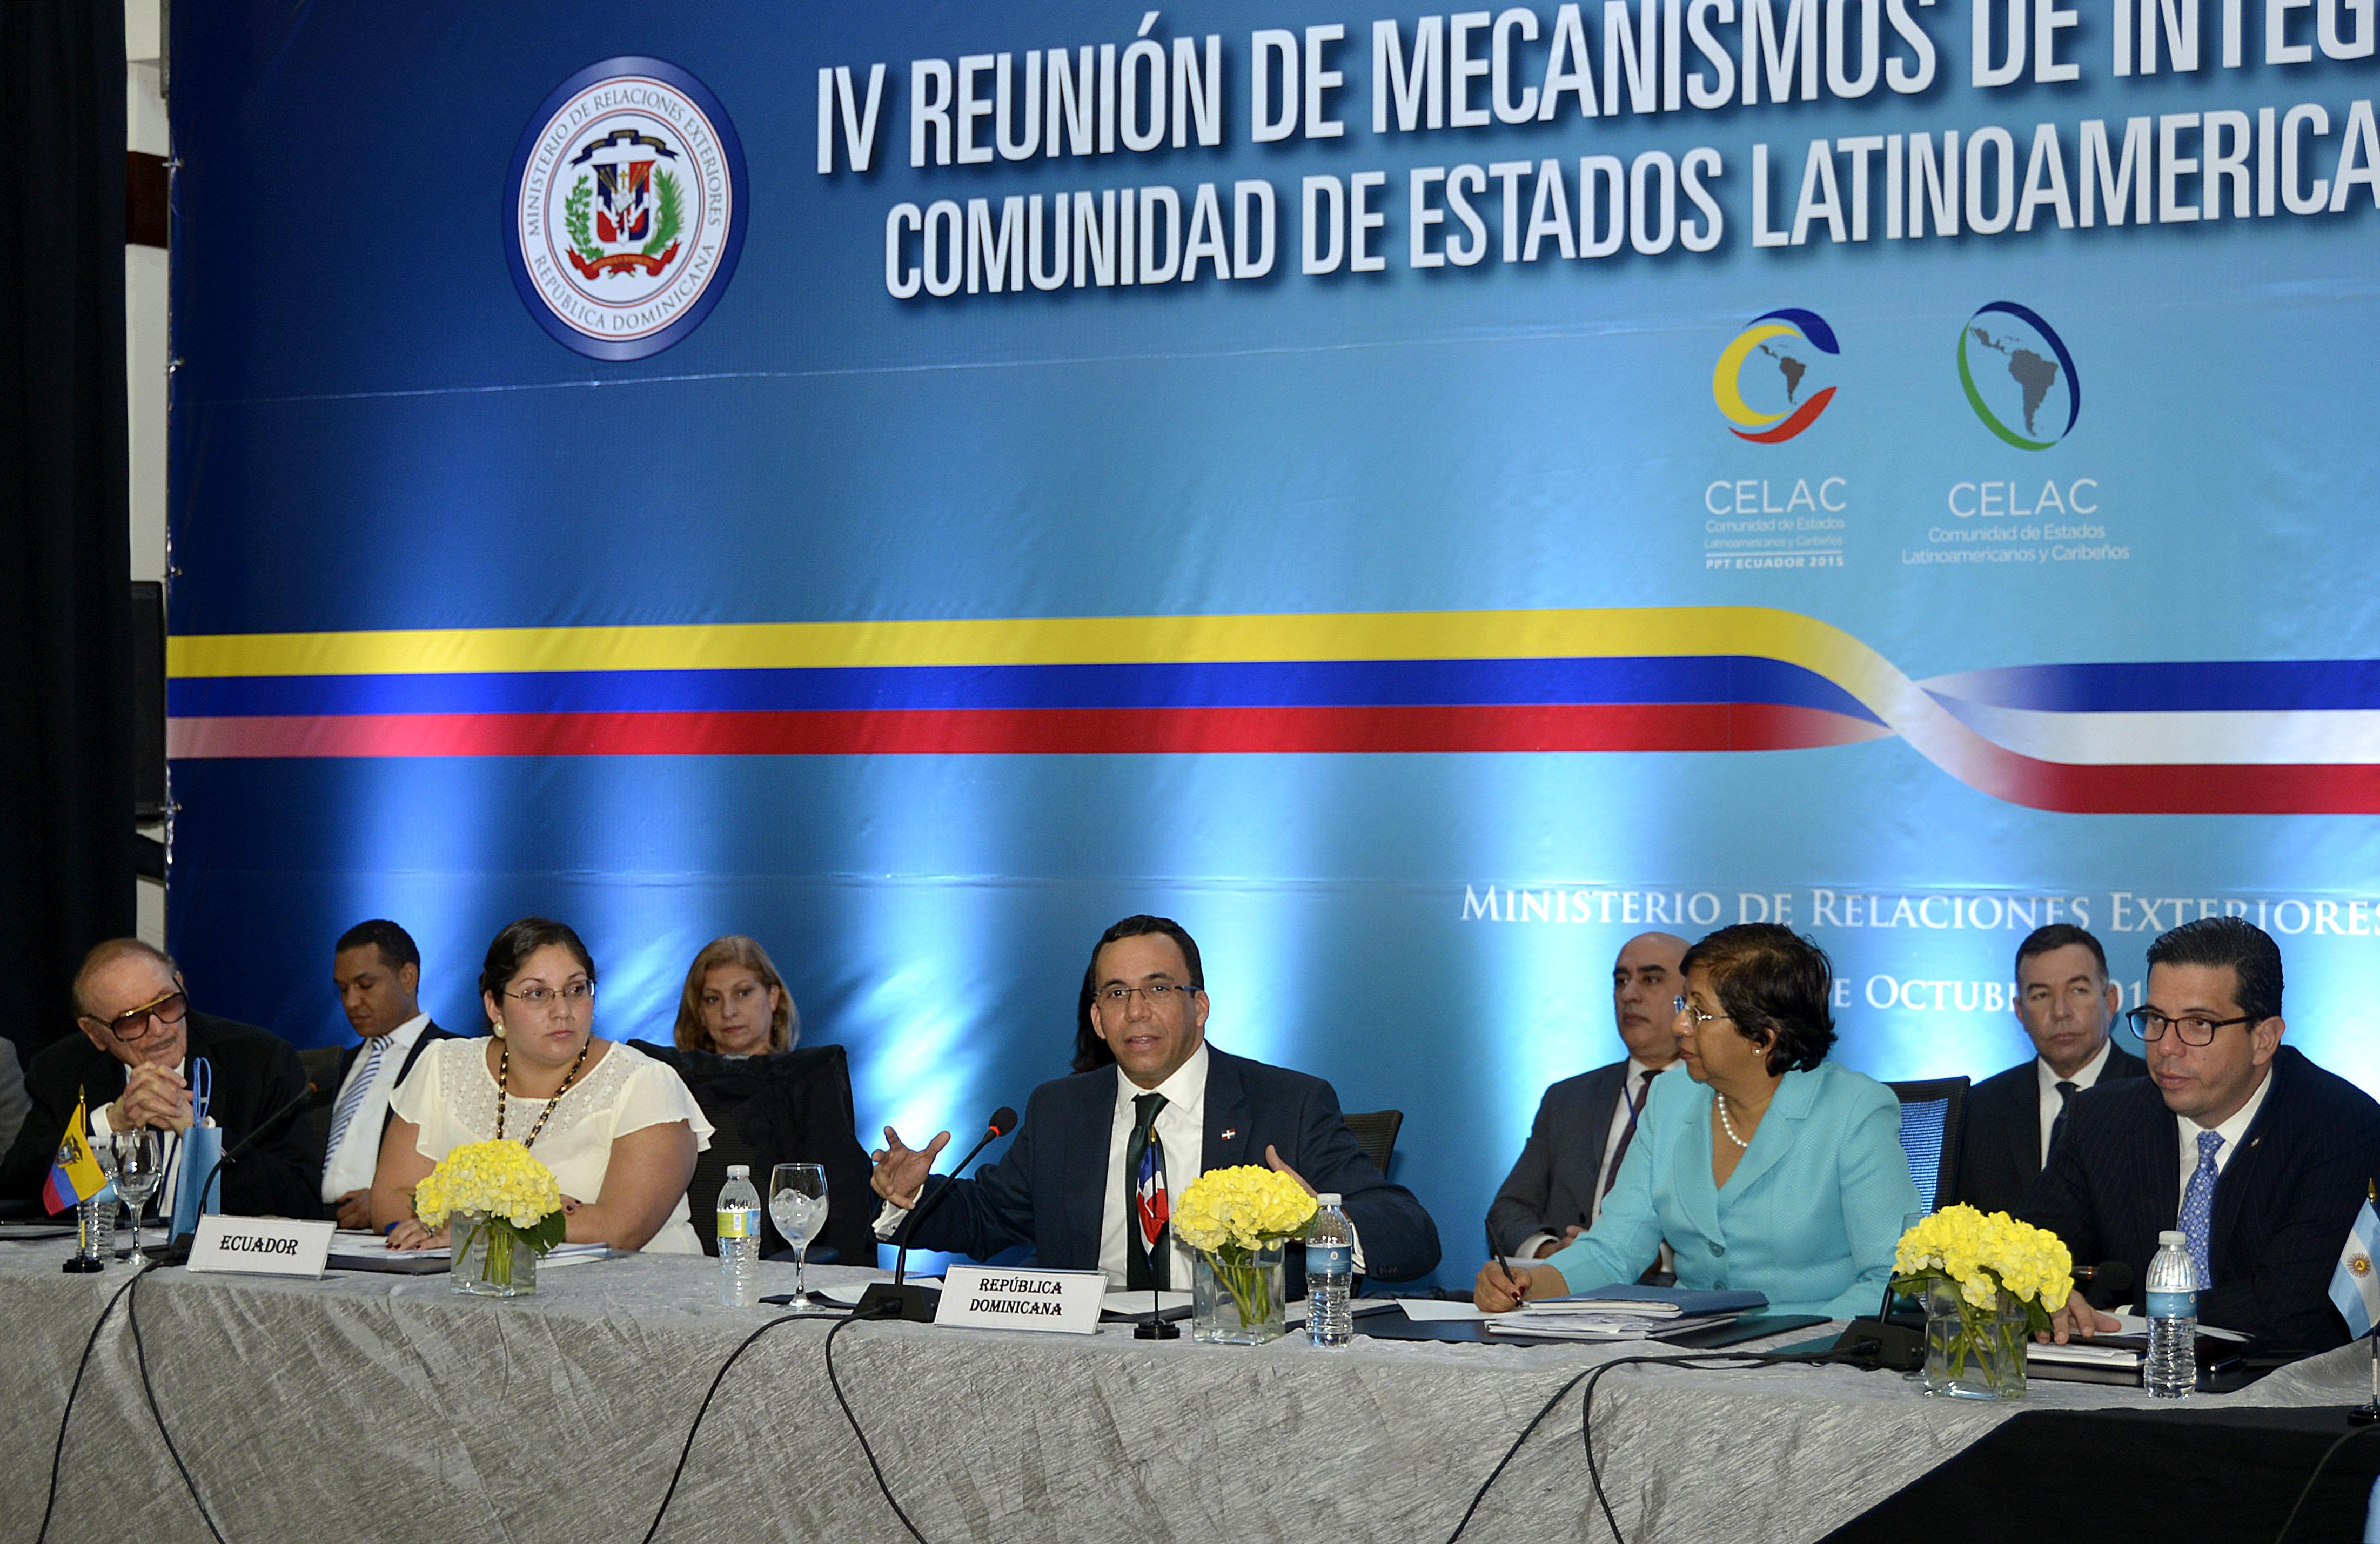 Canciller ratifica compromiso de RD con fortalecer integración de AL y Caribe via la Celac